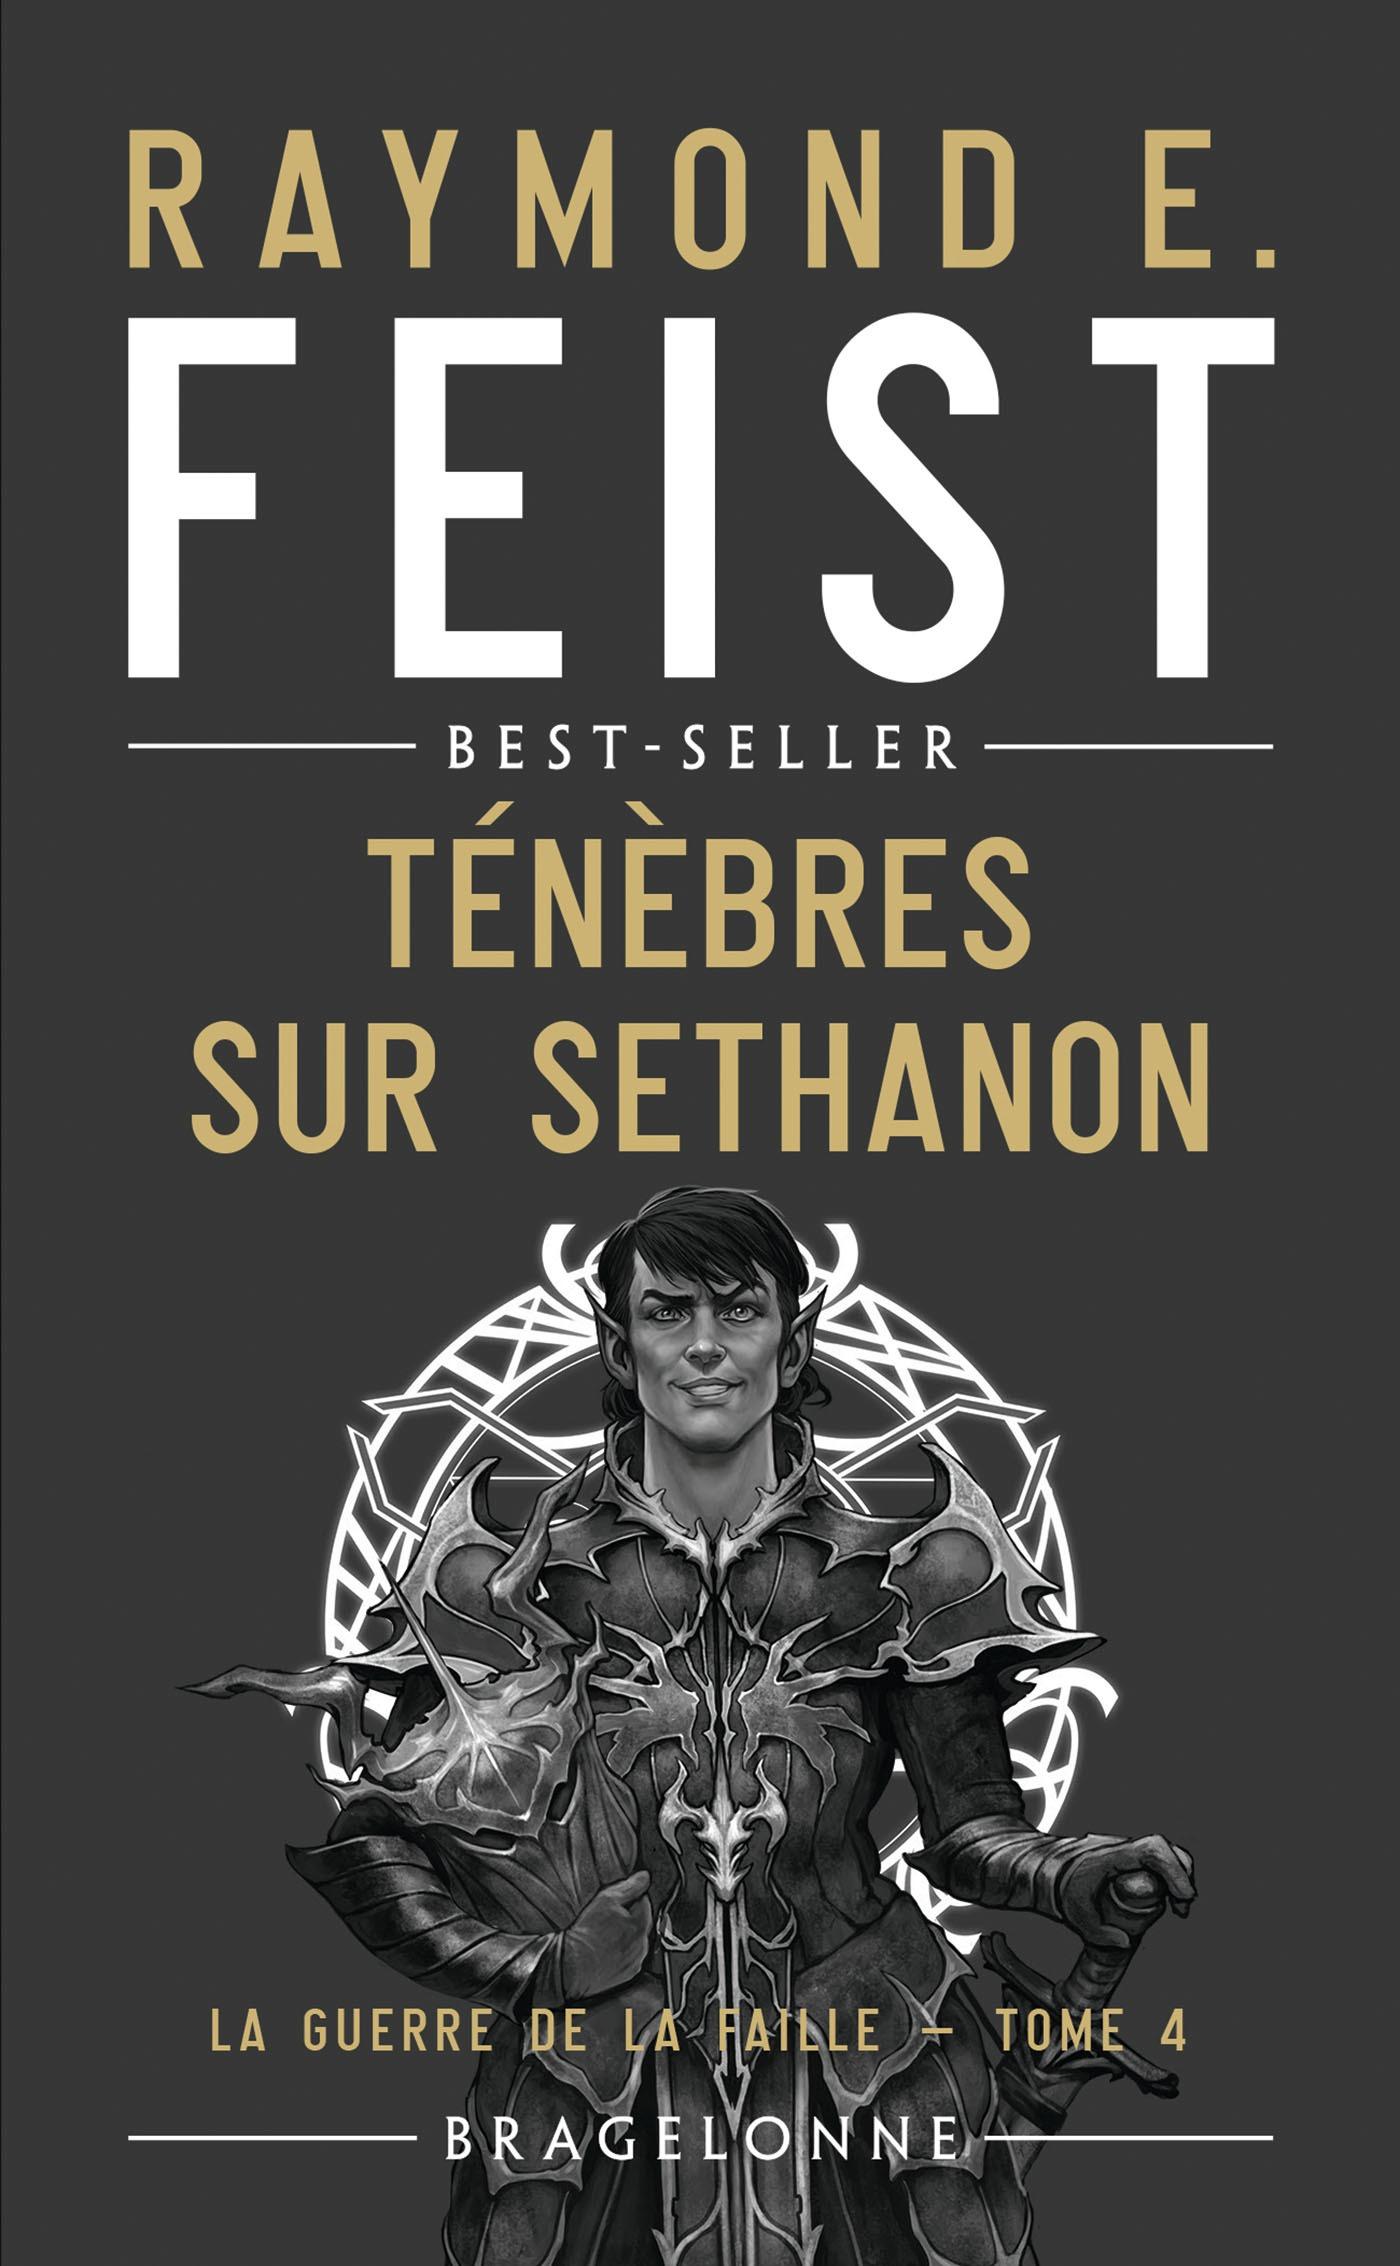 Ténèbres sur Sethanon, LA GUERRE DE LA FAILLE, T4